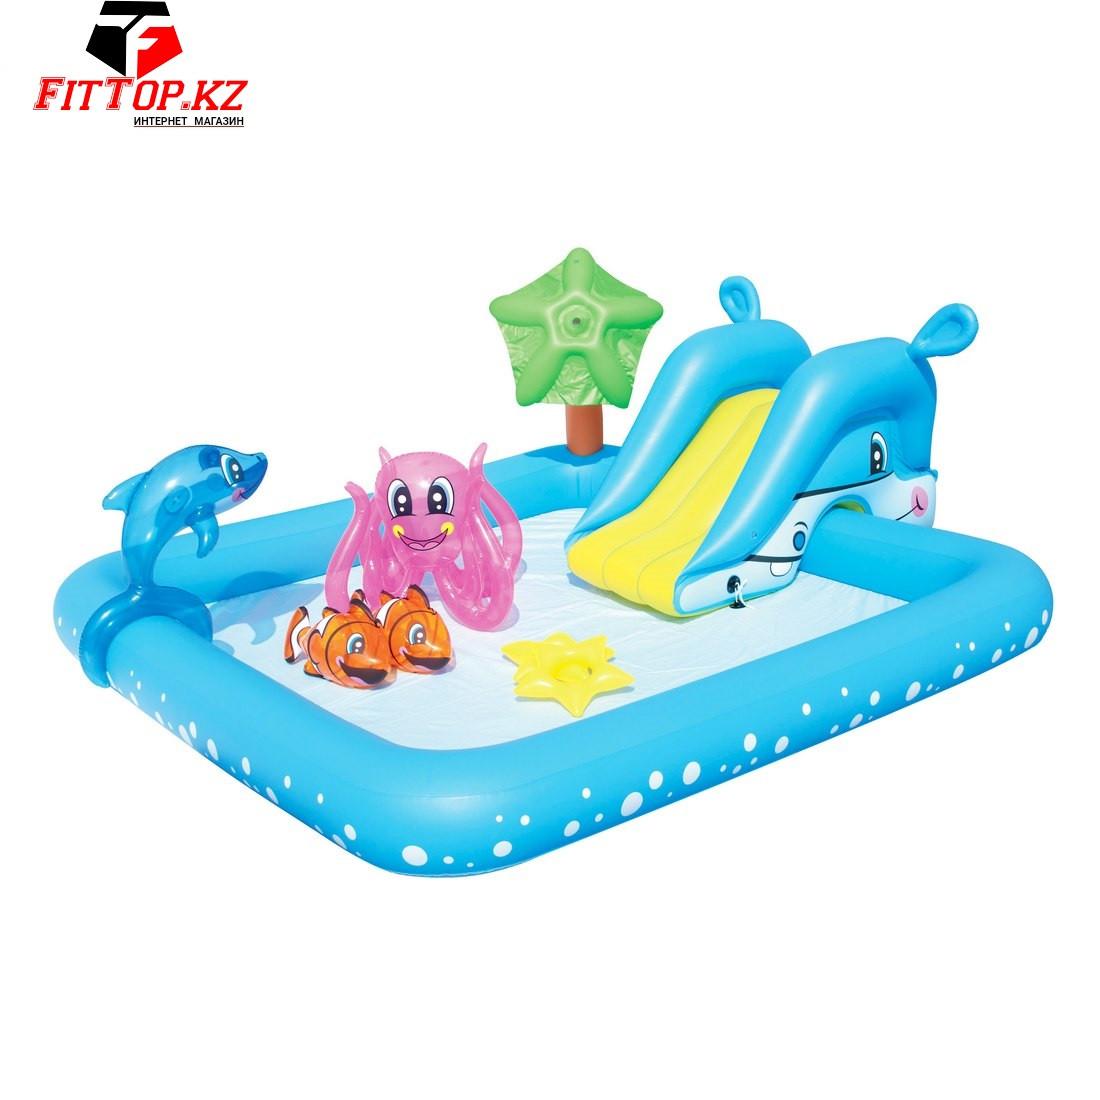 Детский надувной игровой бассейн Fantastic Aquarium 239 х 206 х 86 см, BESTWAY, 53052